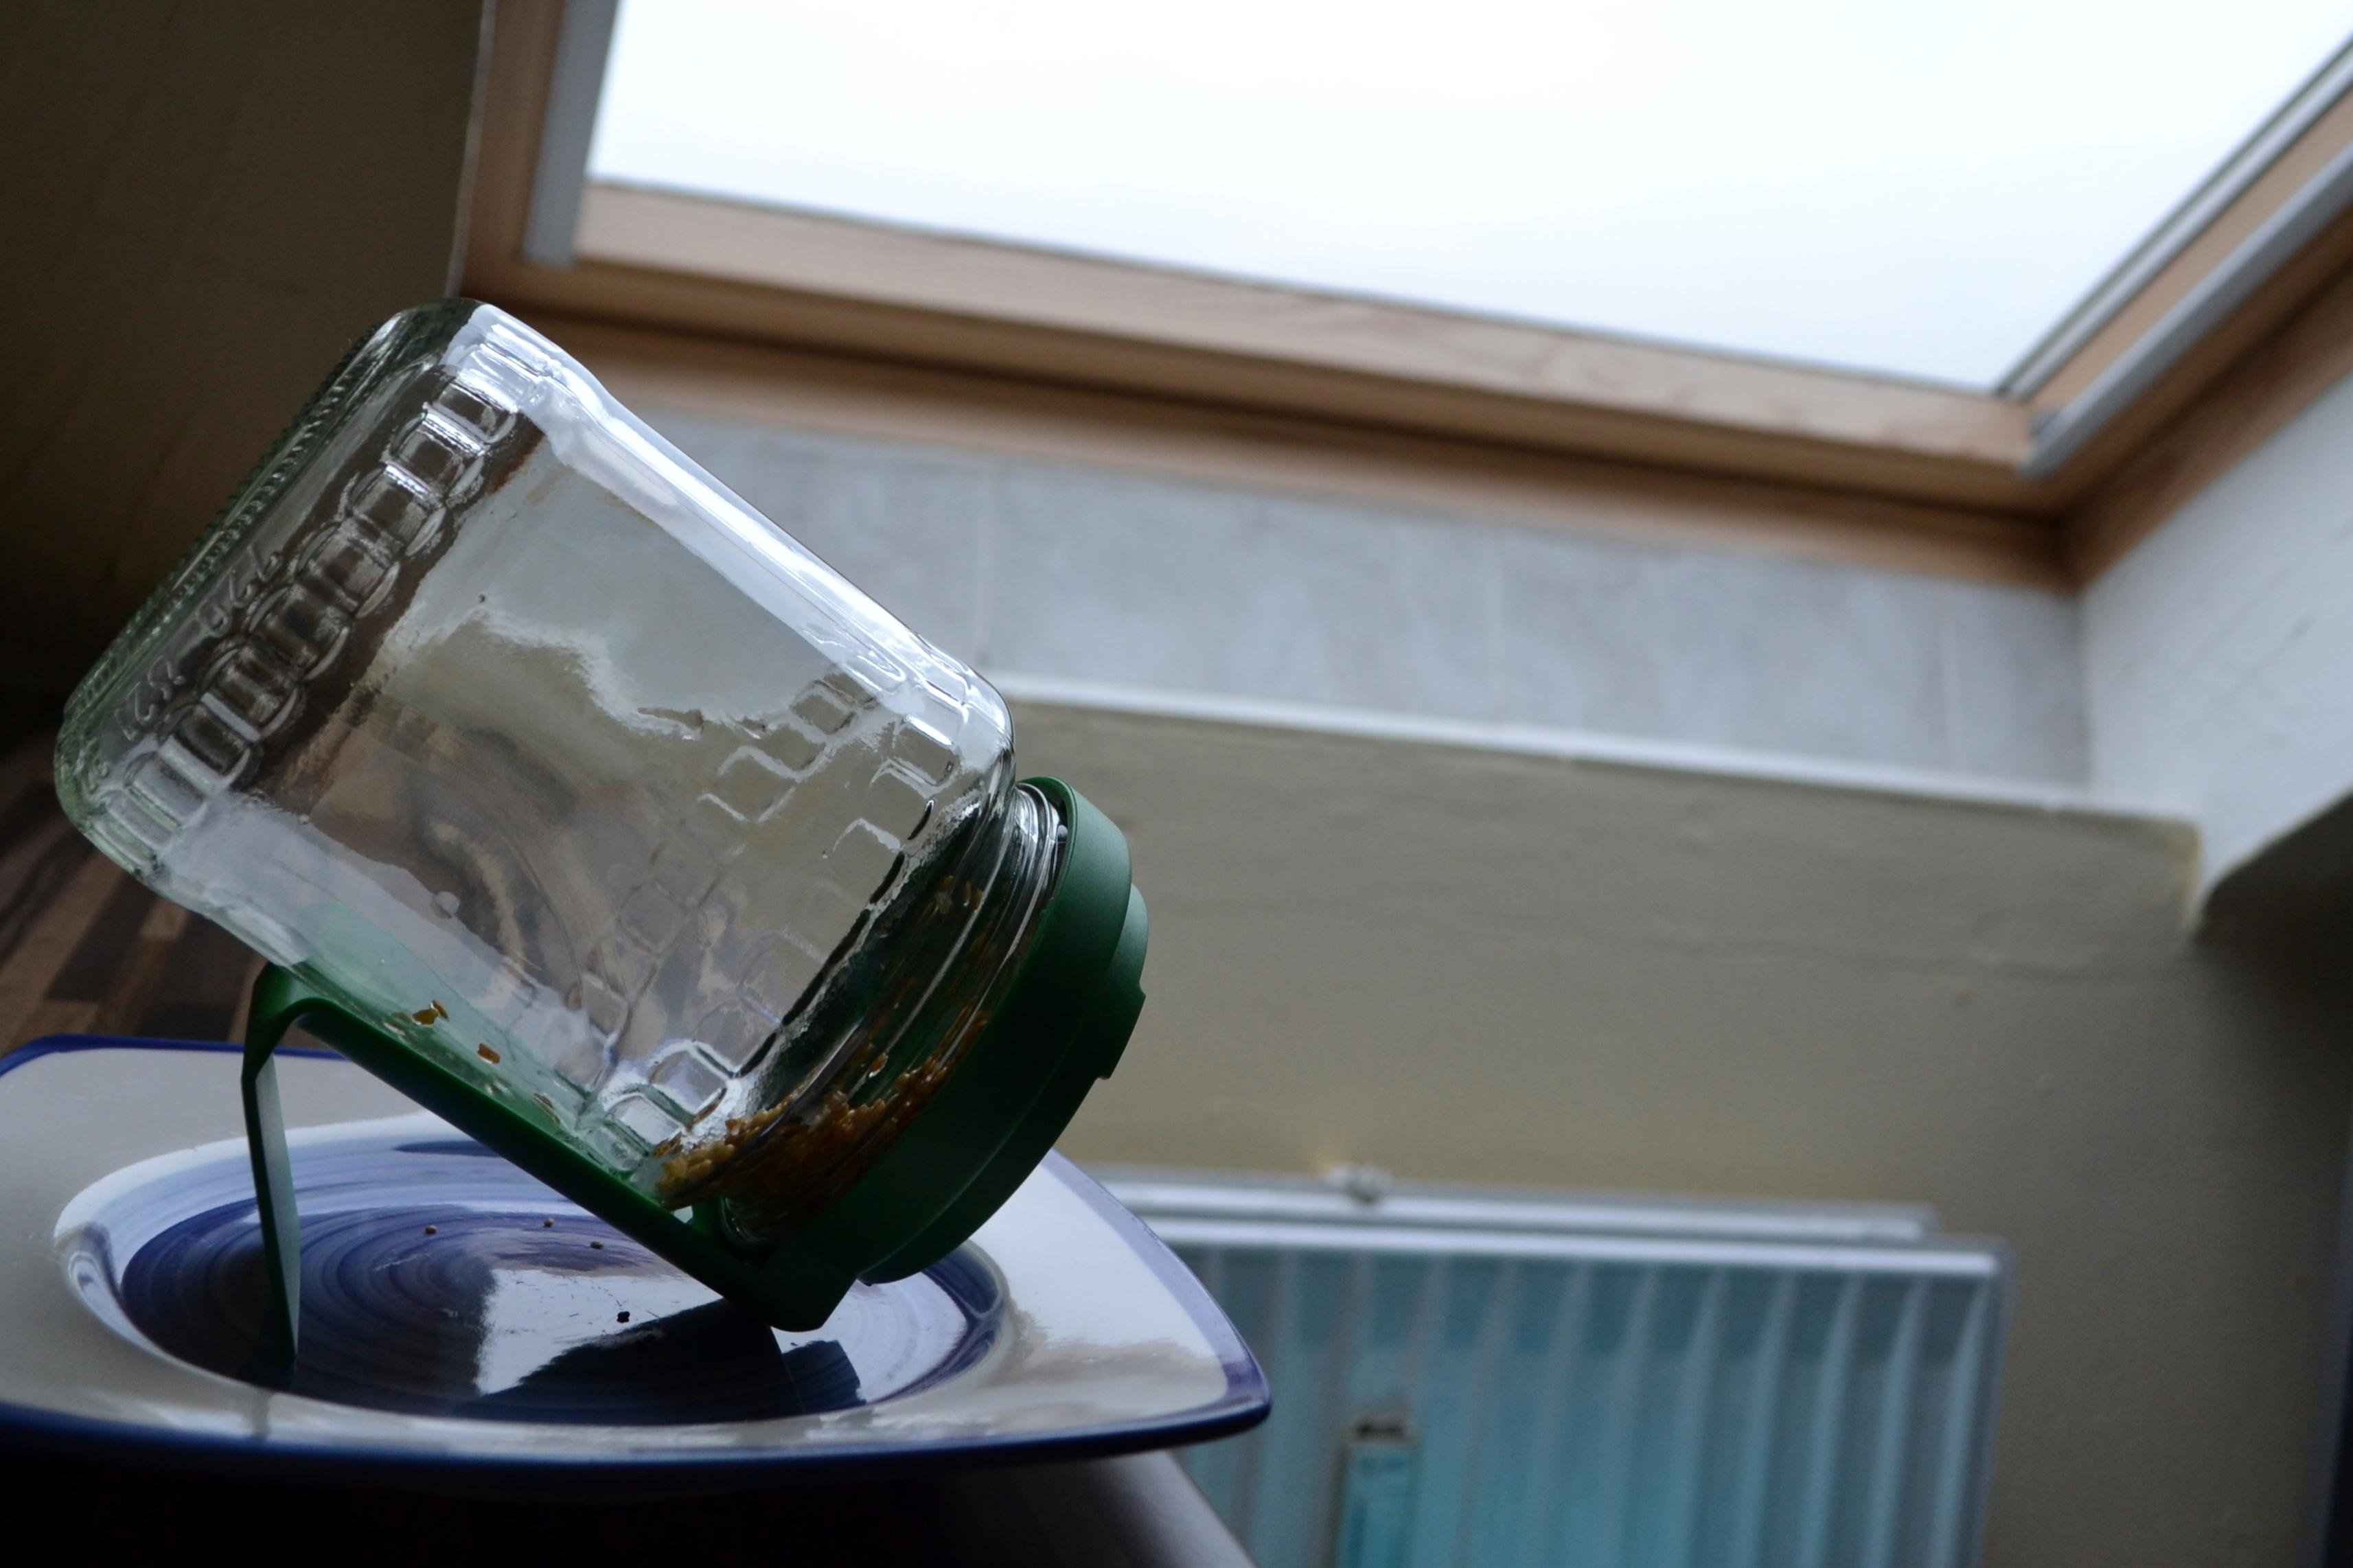 ...und stellt das Glas an einen hellen Ort (am besten auf einen Teller, die Öffnung des Glases zeigt nach unten\). Ab sofort müsst ihr die Keimlinge täglich zweimal mit Wasser spülen. Das heißt: Deckel auf, Wasser rein, etwas schütteln, Deckel drauf und Wasser wieder rausschütten.